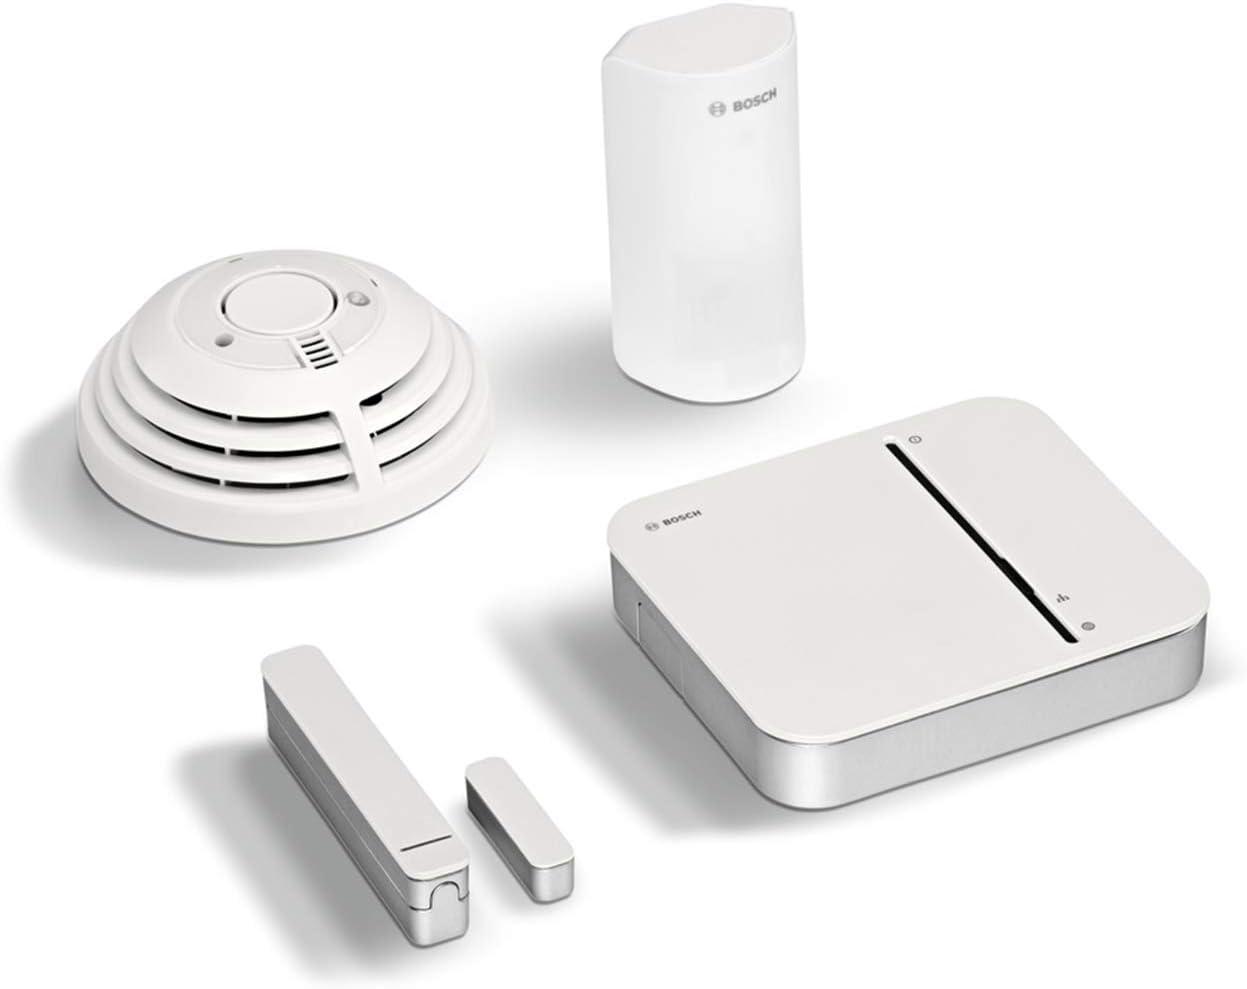 Kit sécurité connectée Bosch Smart Home (compatible avec Apple Homekit)